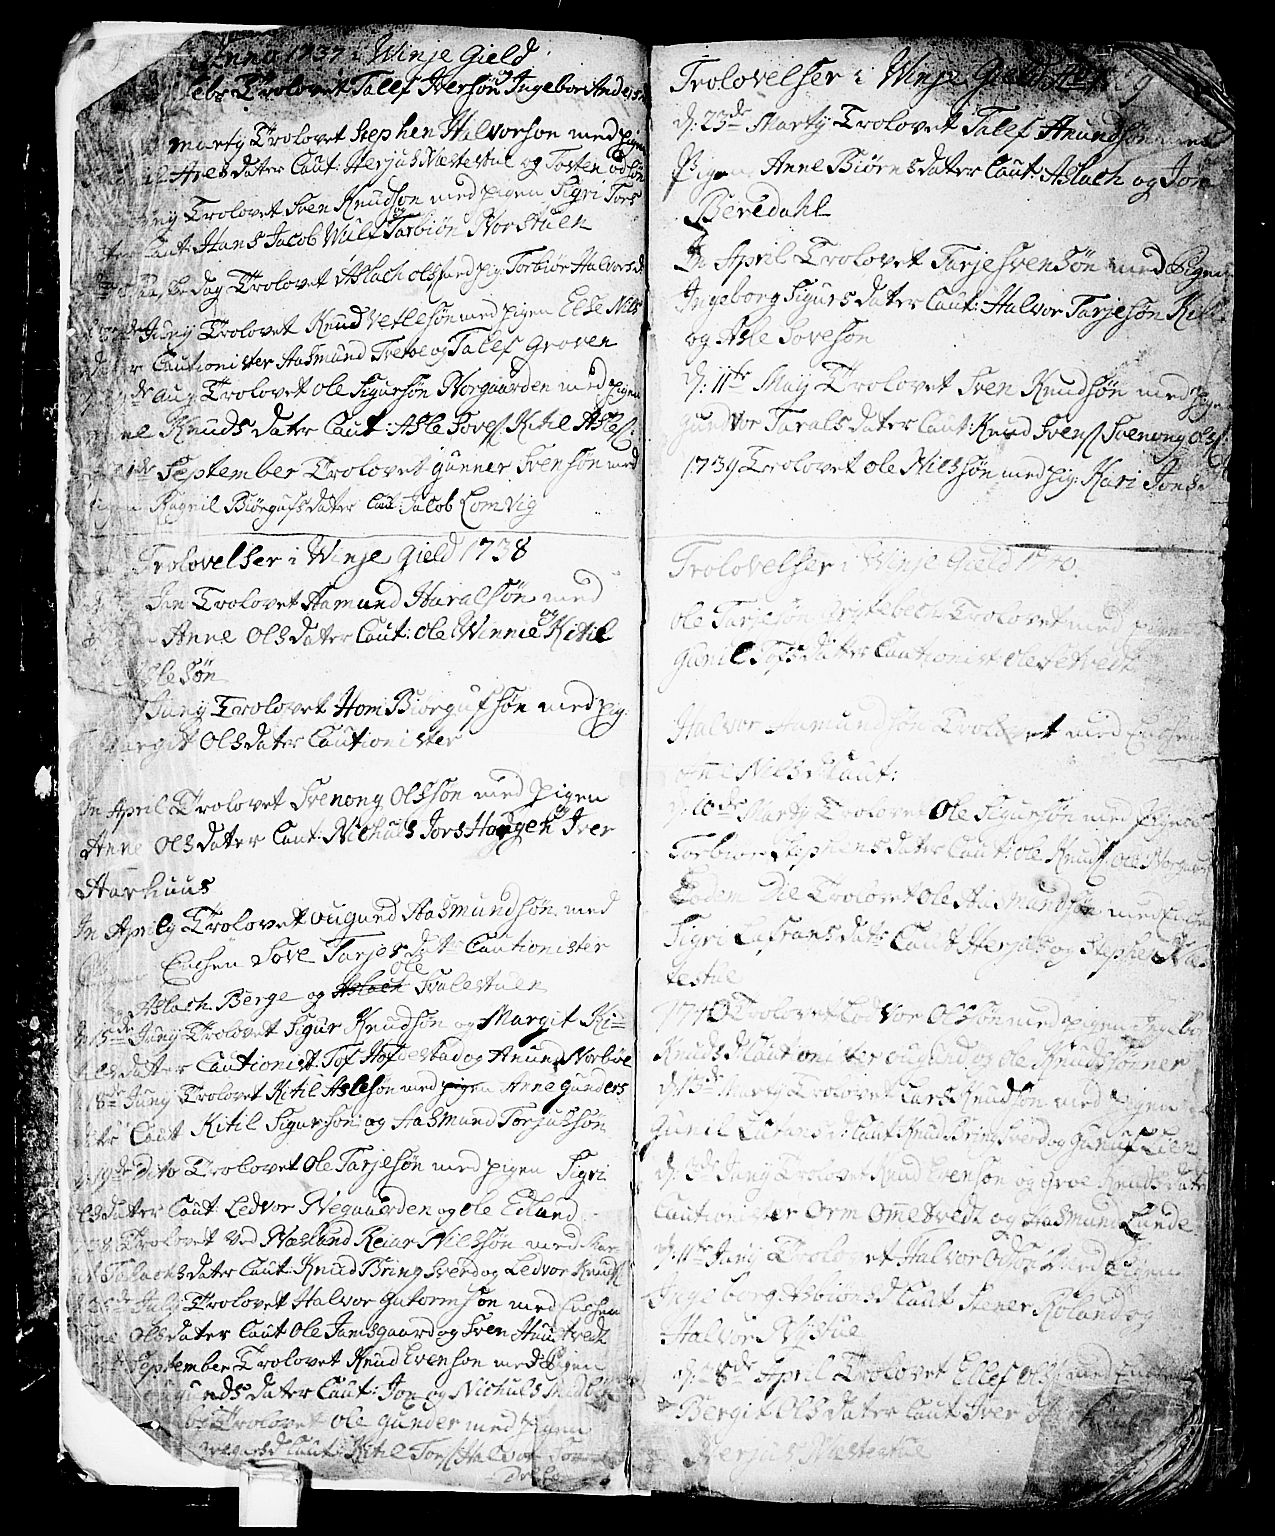 SAKO, Vinje kirkebøker, F/Fa/L0001: Ministerialbok nr. I 1, 1717-1766, s. 7